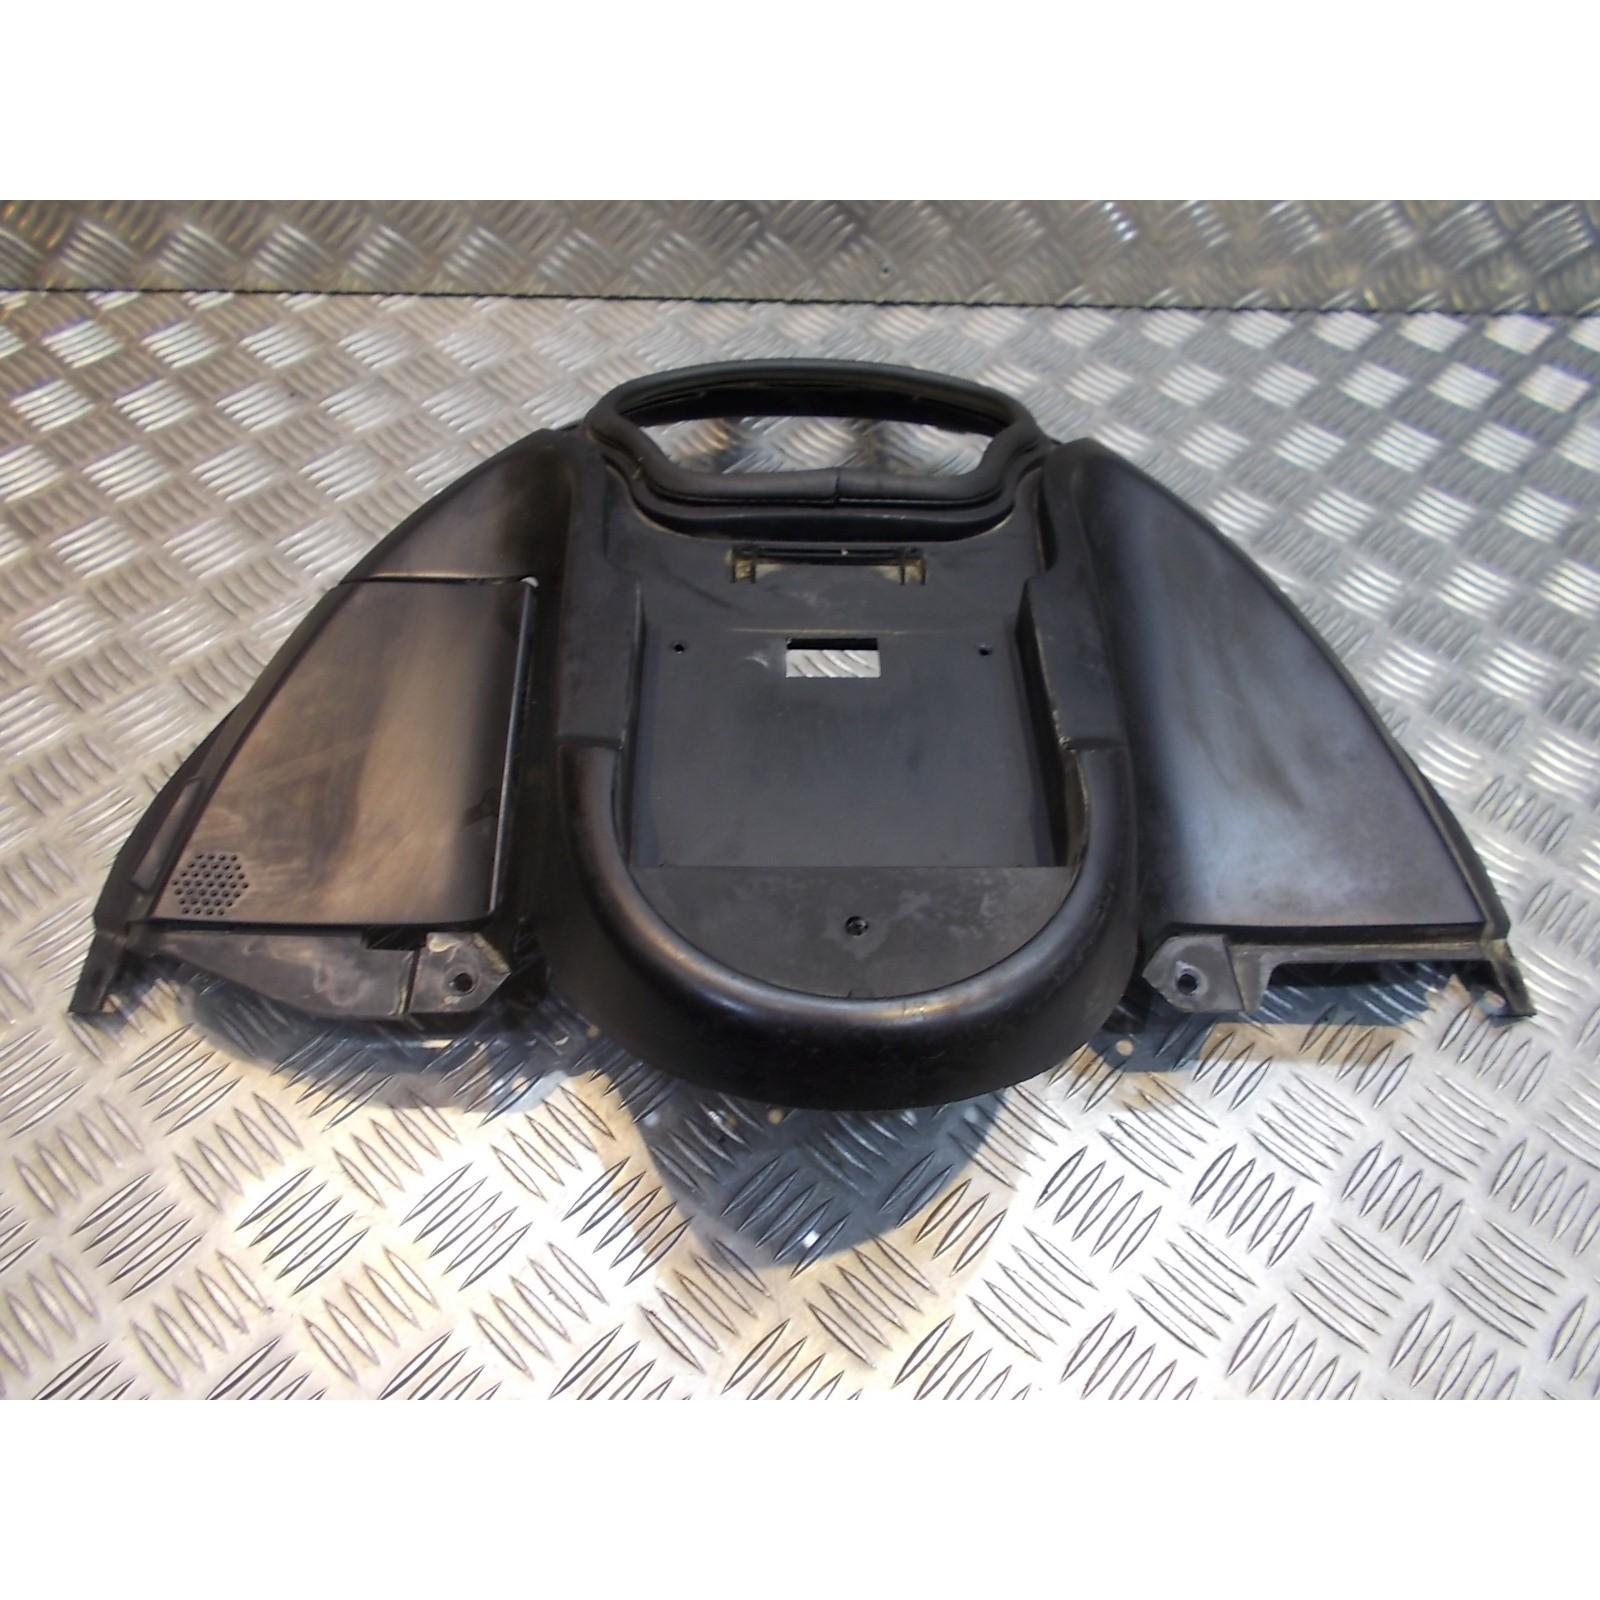 cache carrosserie reservoir radio cadre bouchon moto bmw k 1200 lt wb10545a 1999 - 03